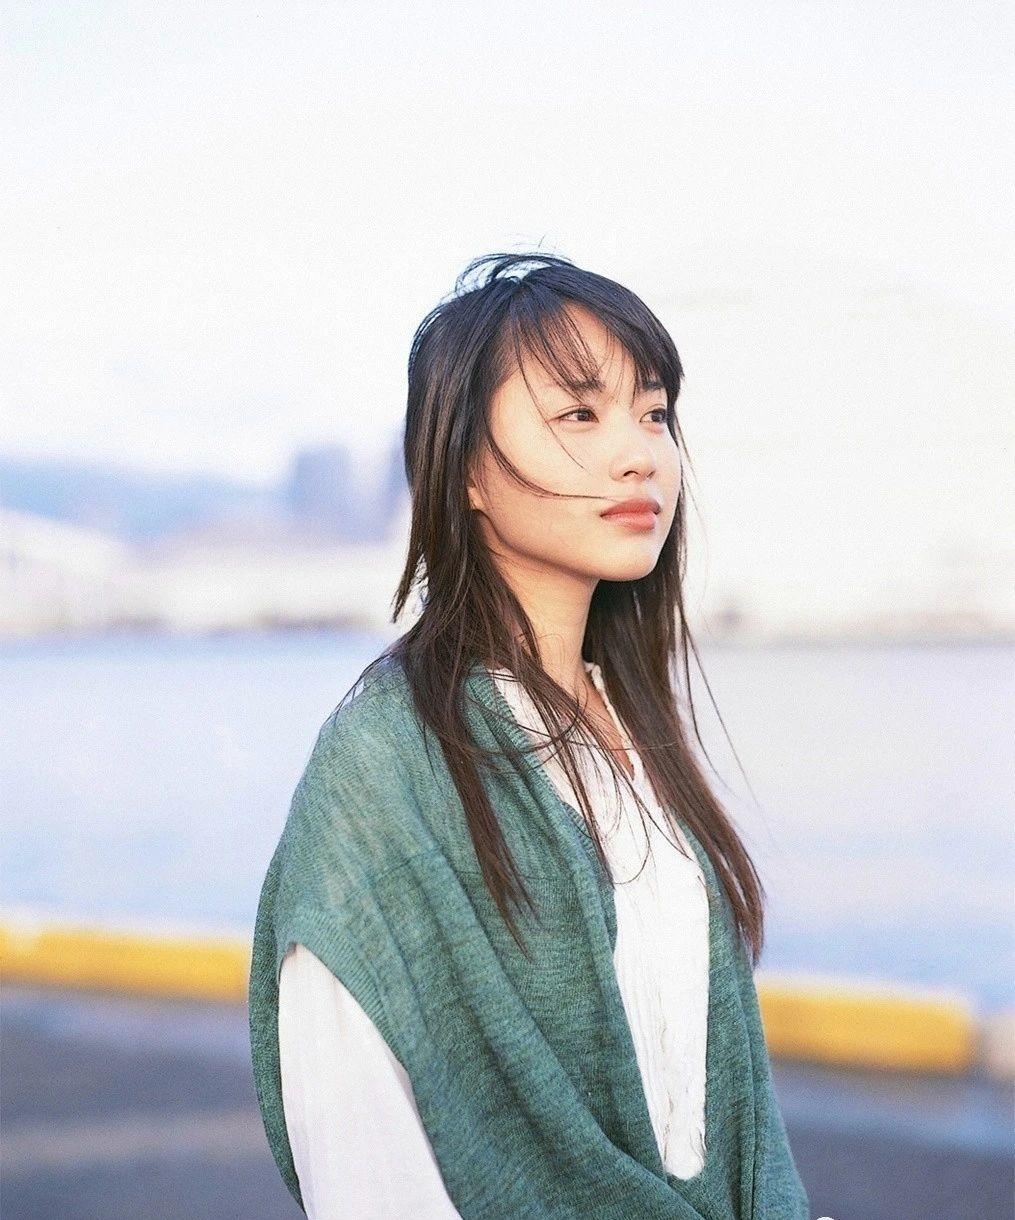 美的不可方物少女时代的户田惠梨香写真作品 (29)